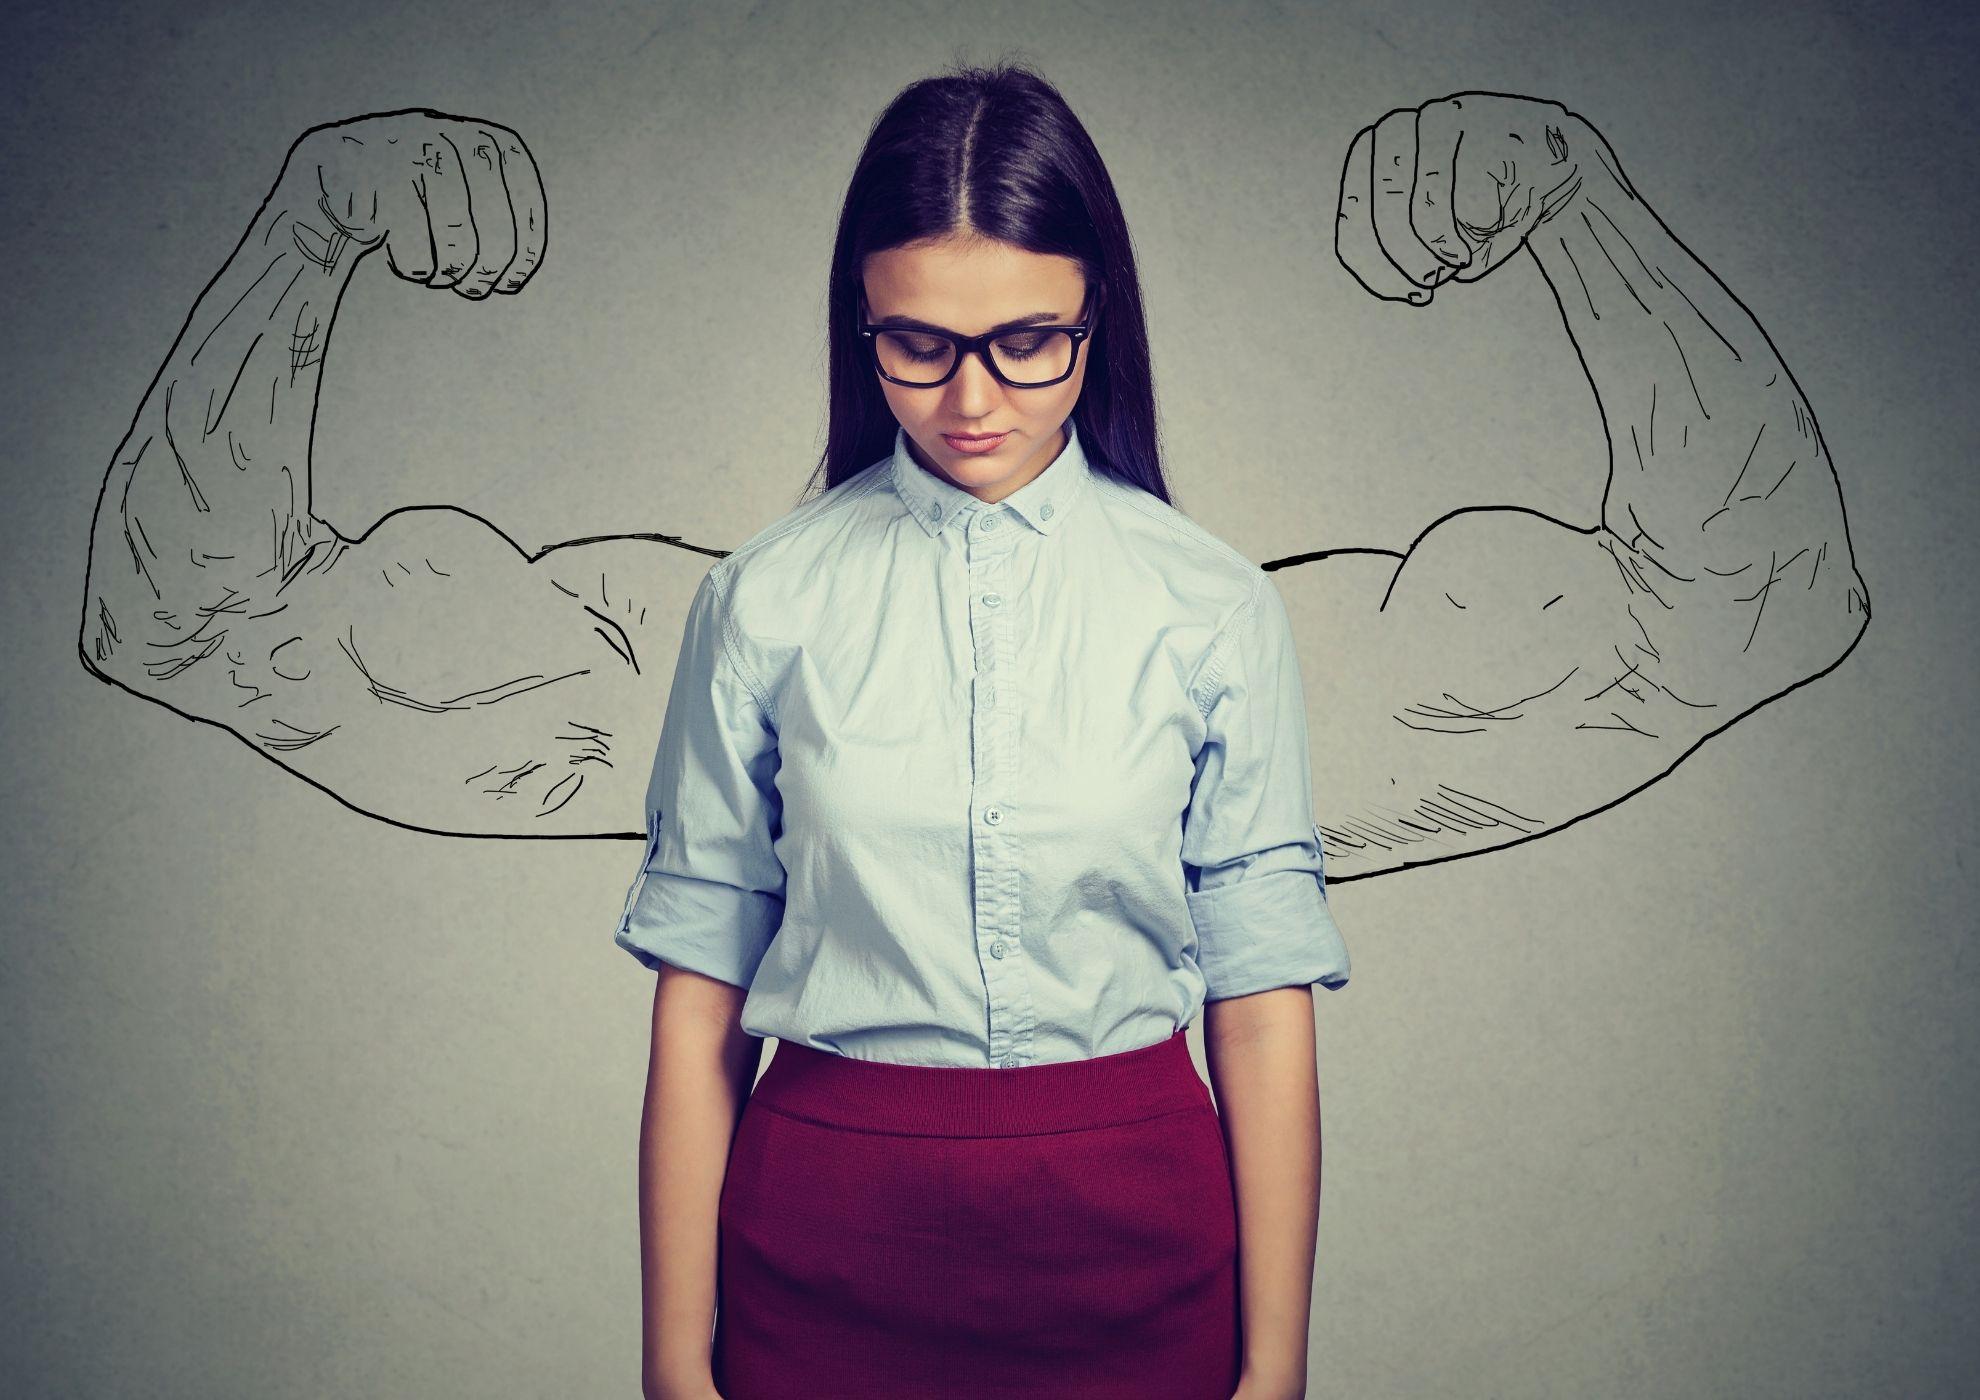 Cómo mejorar nuestra autoestima